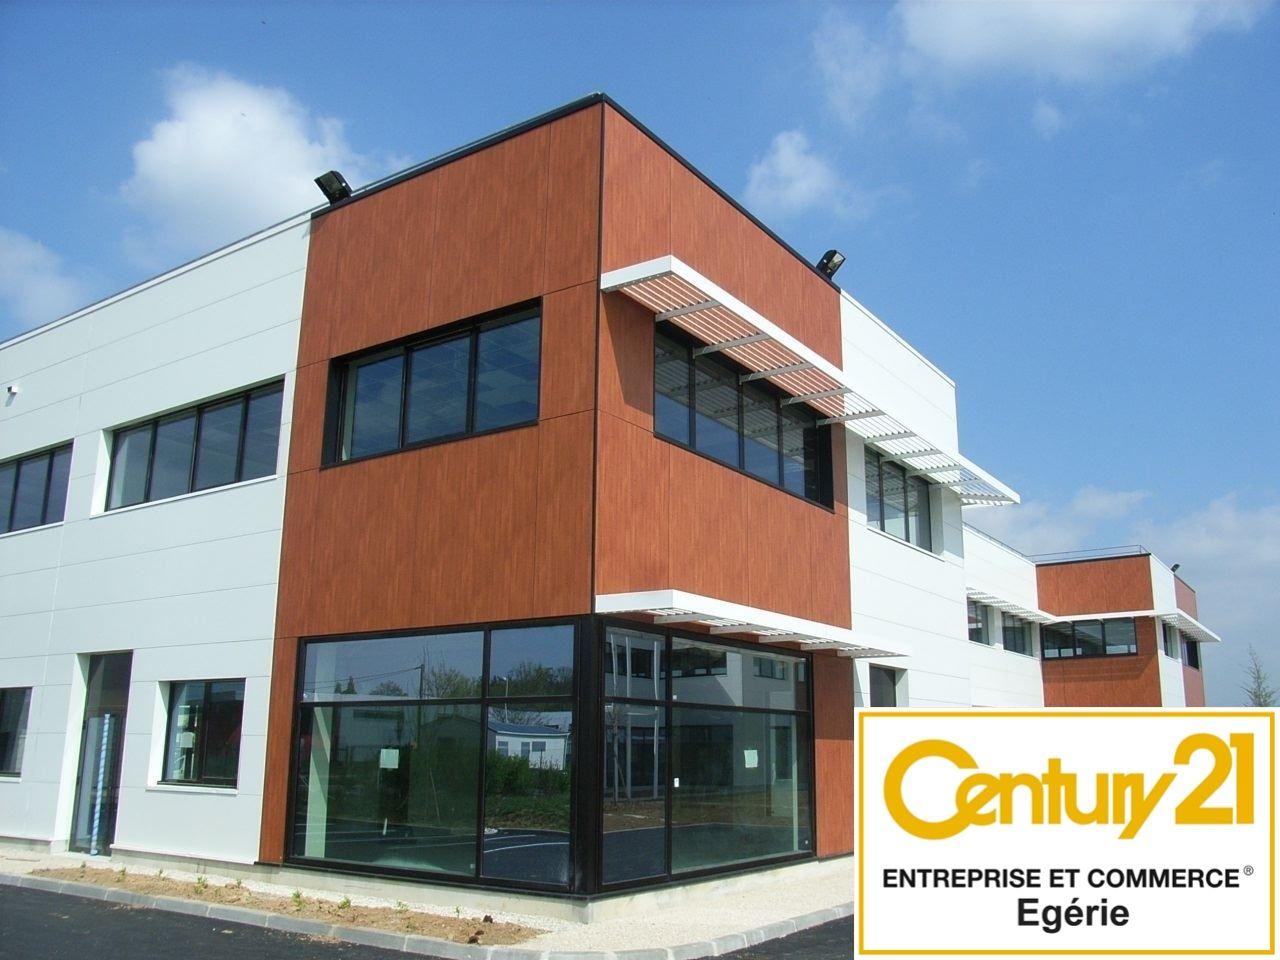 Location entreprise - Seine-et-Marne (77) - 440.0 m²